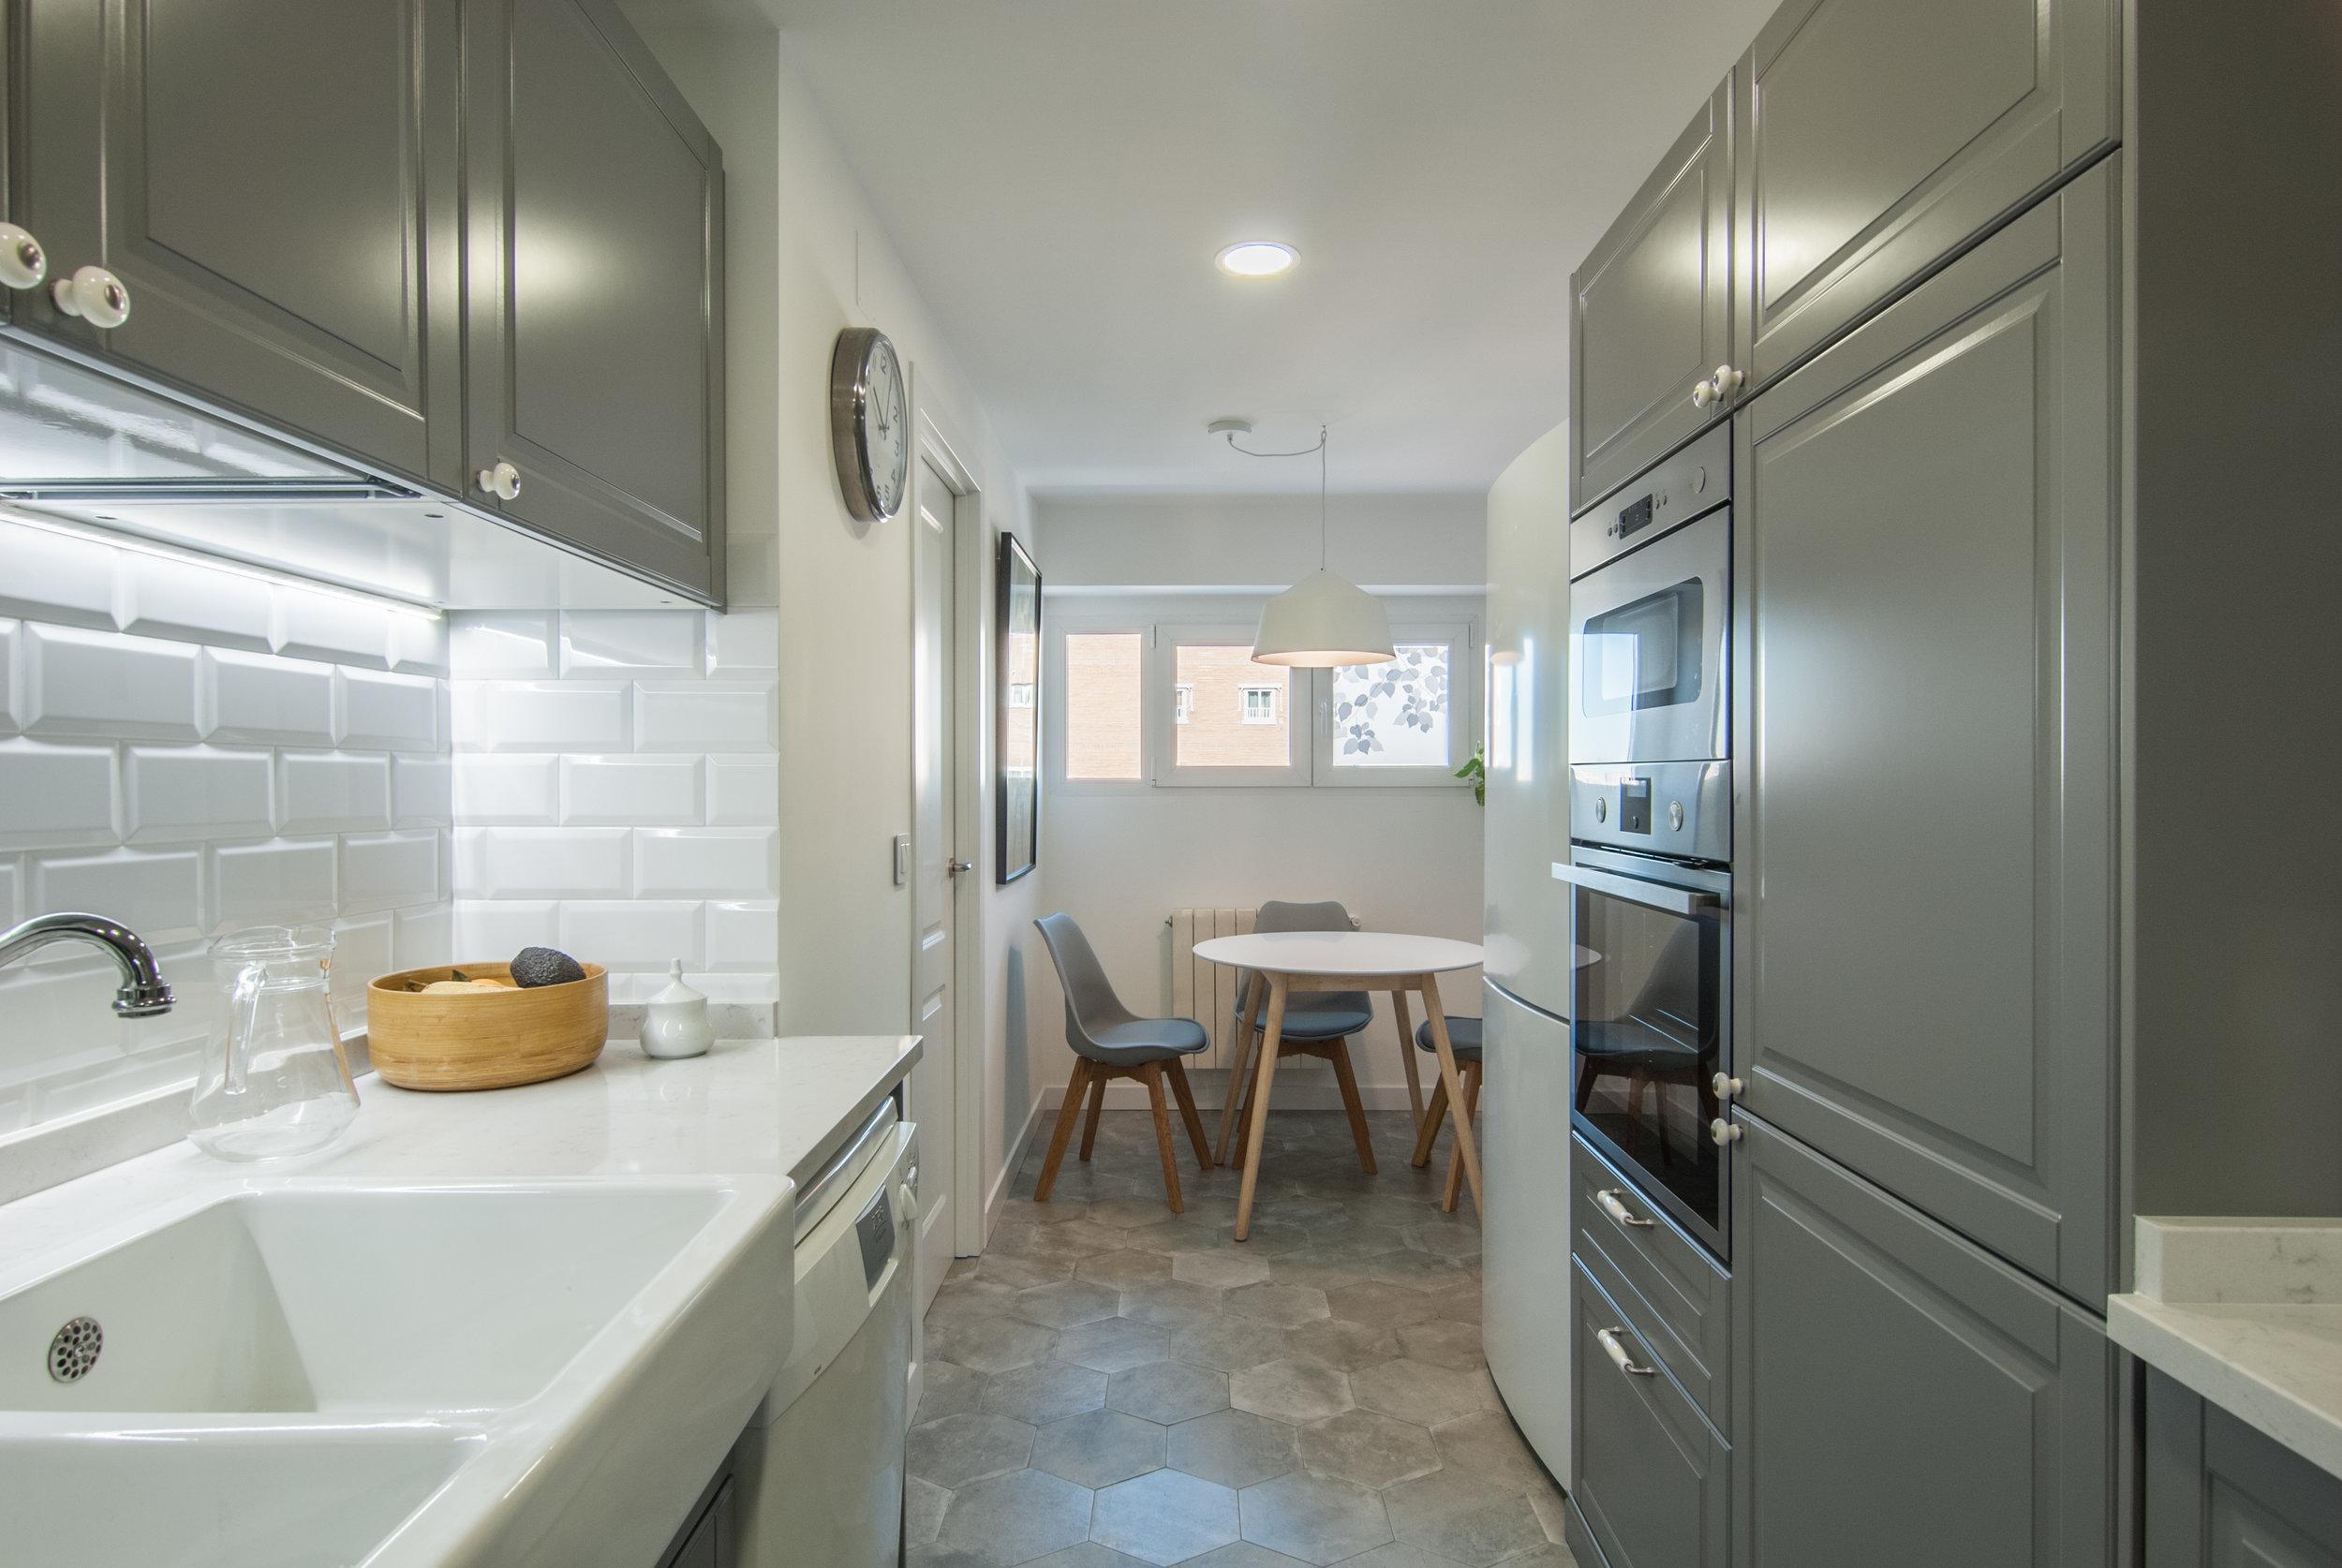 emmme studio slow design interiorismo integral cocina y office hogar Debora.jpg